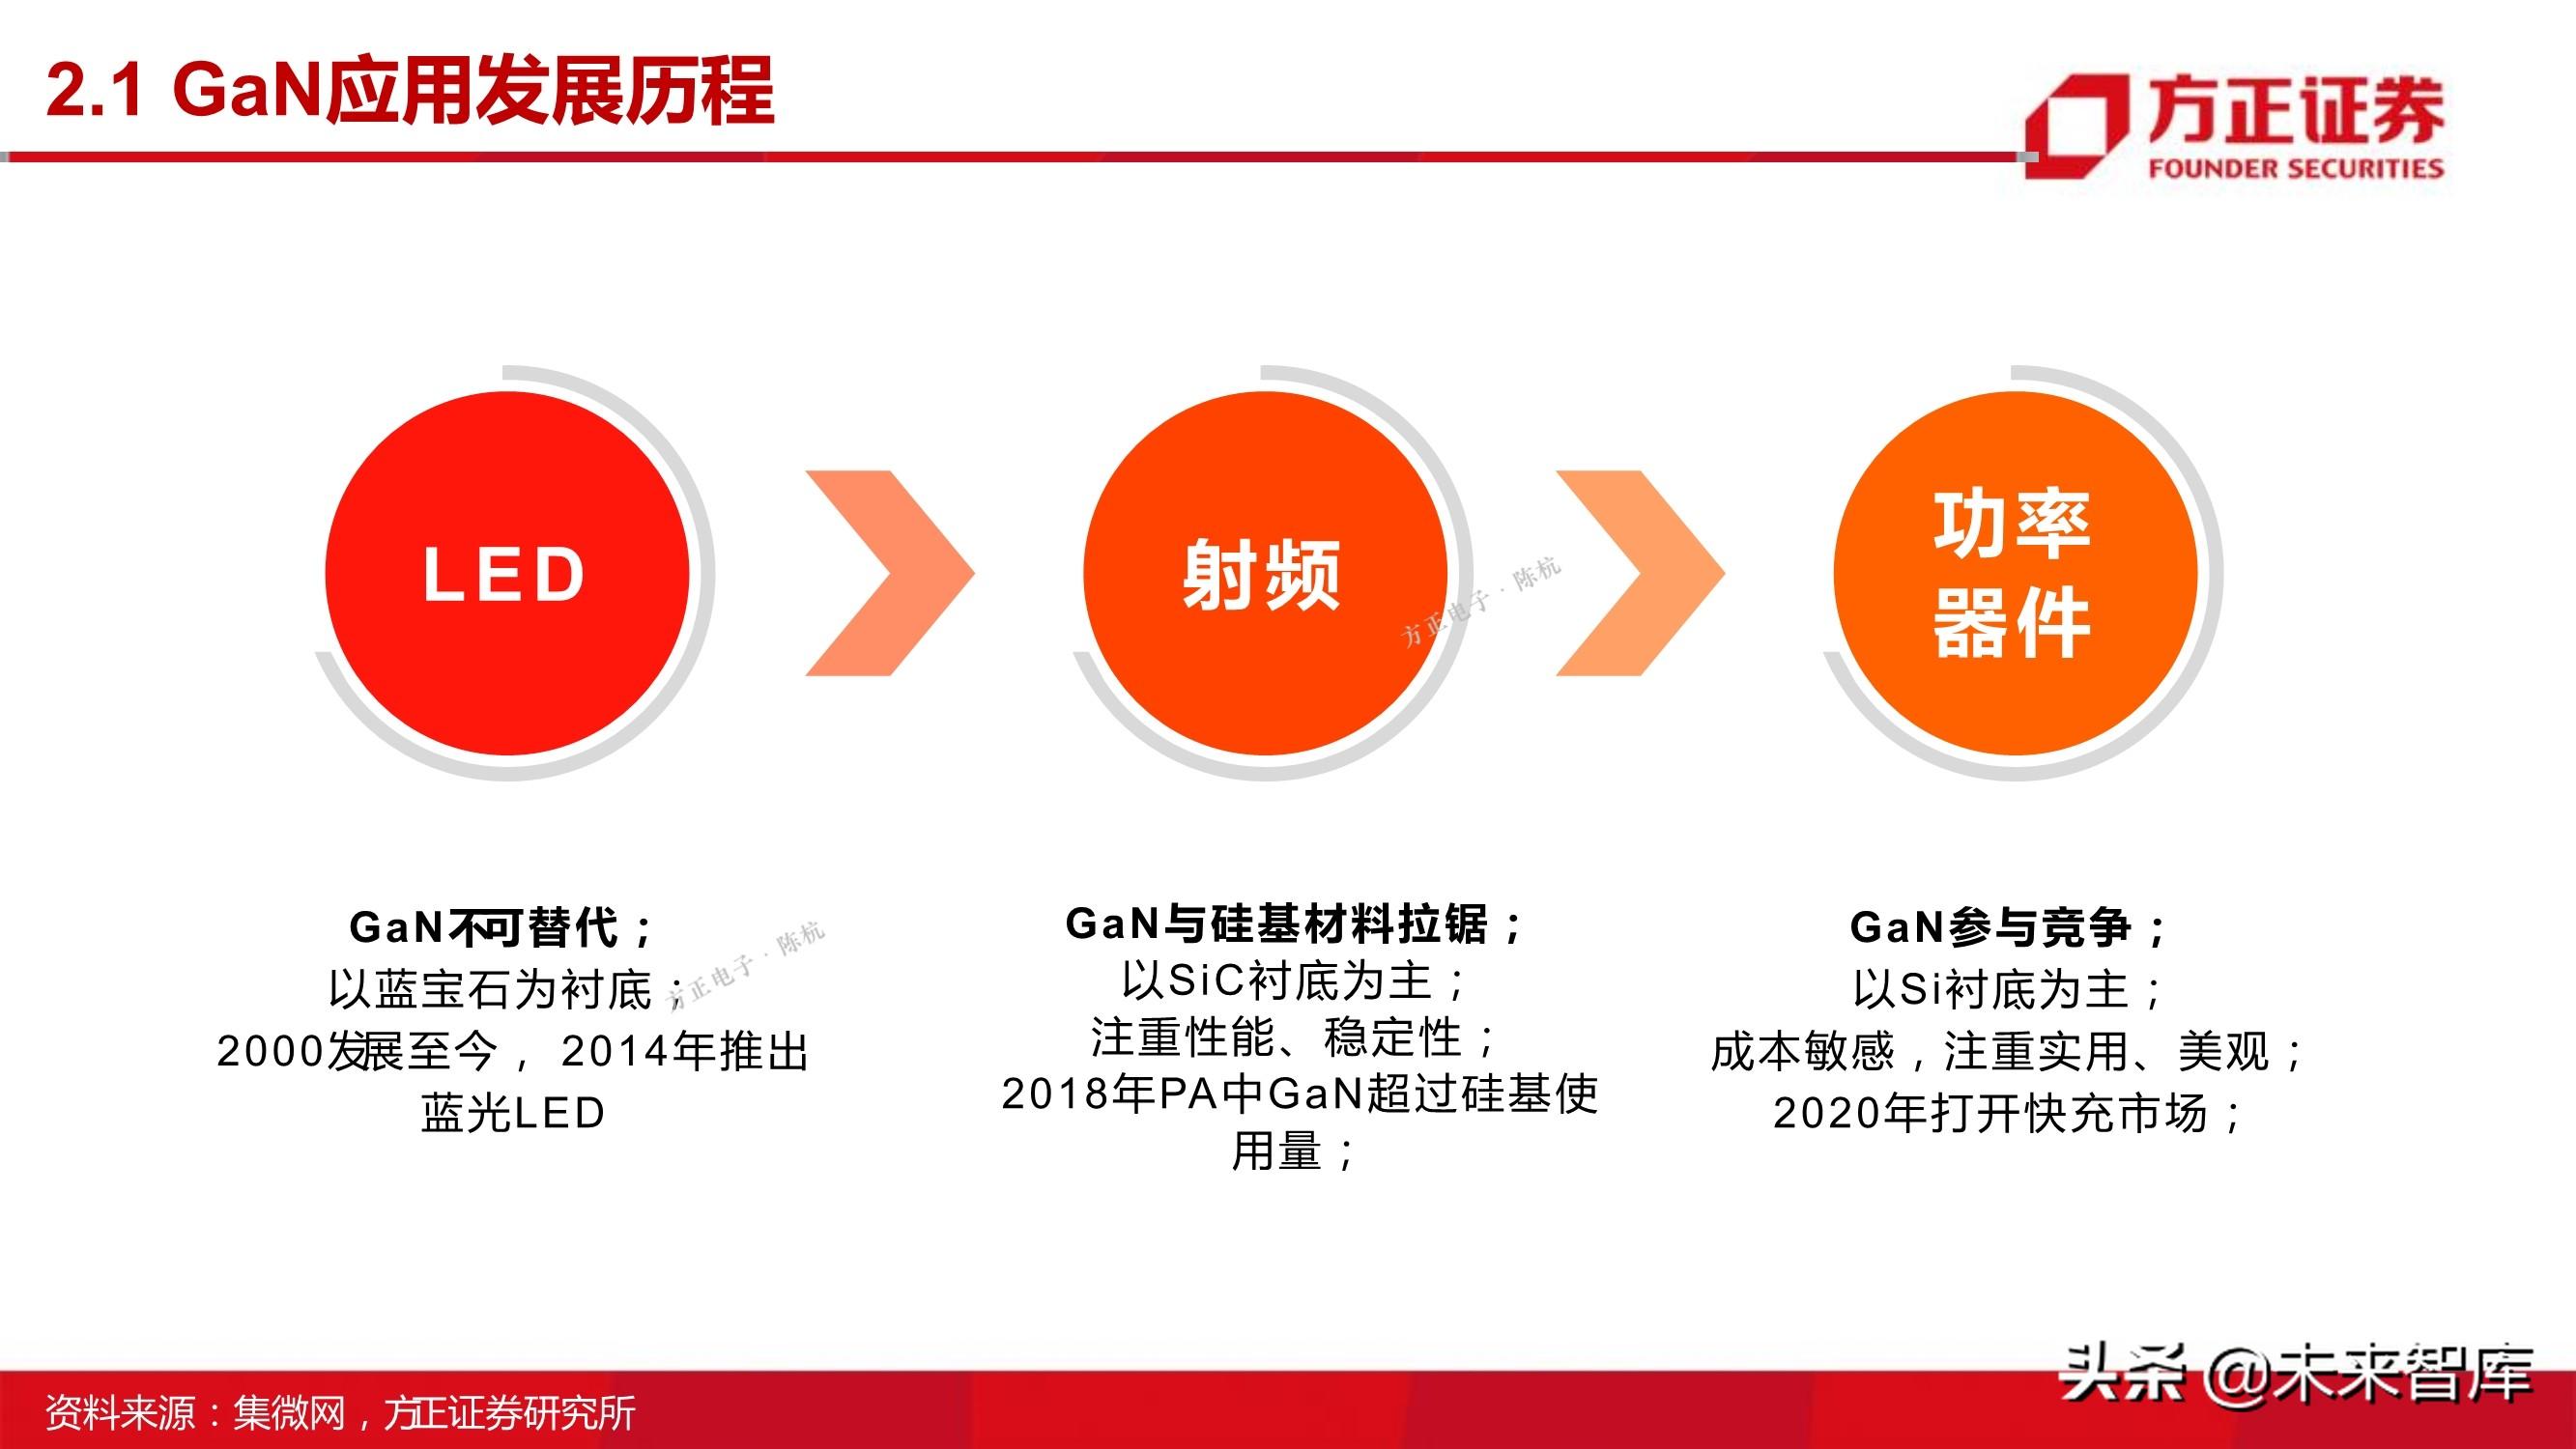 第三代半导体之GaN专题研究报告